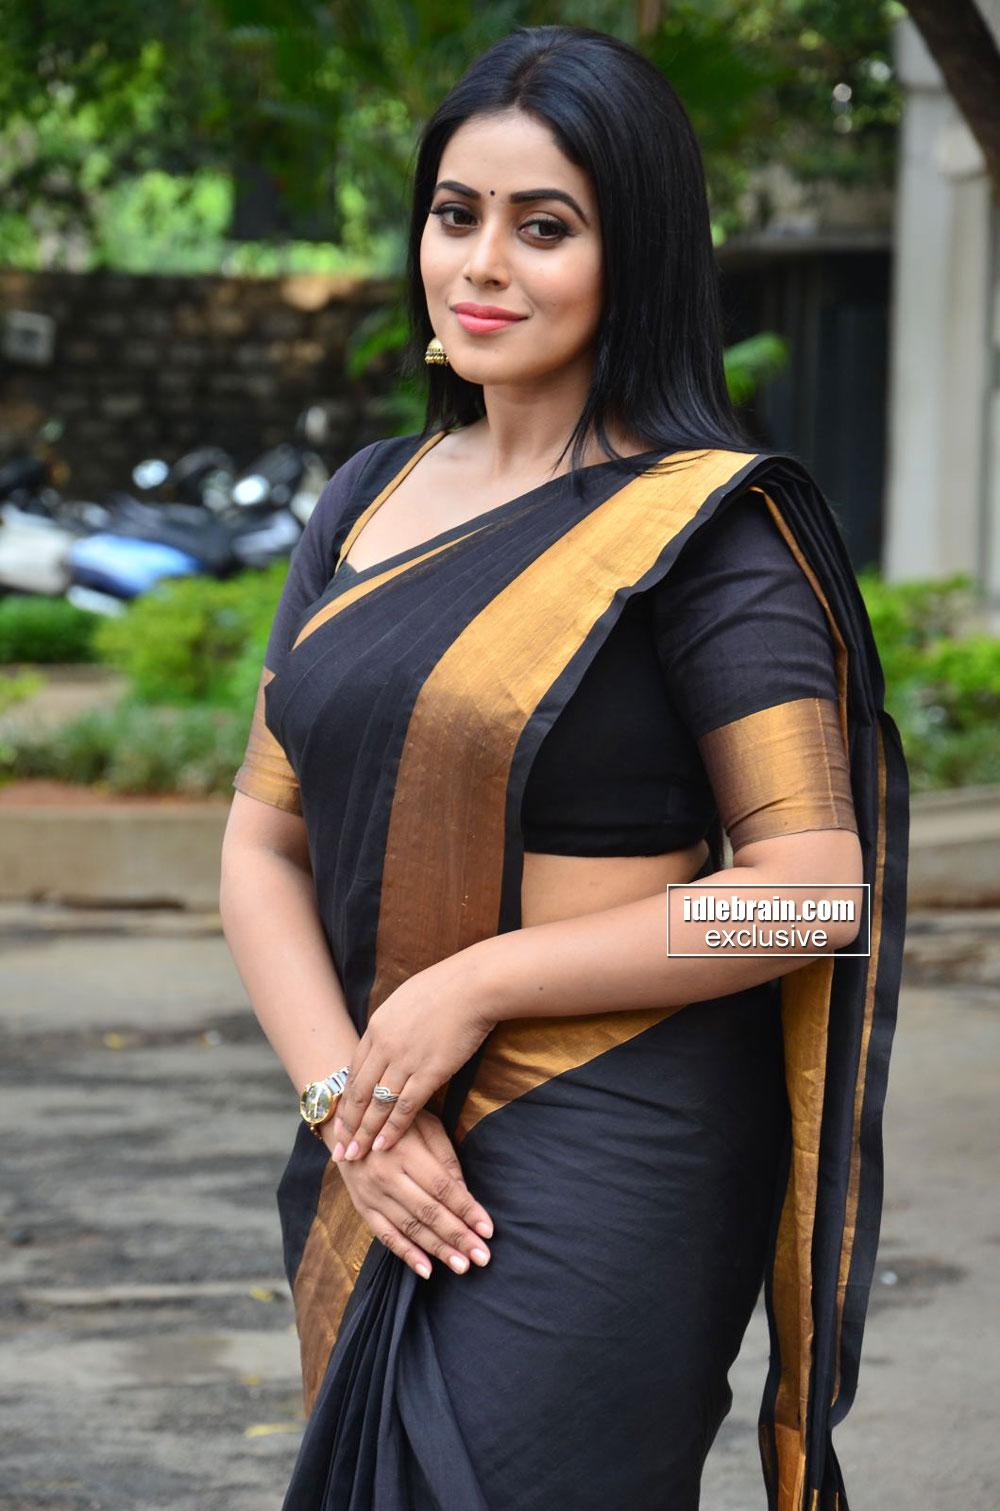 Tamil Telugu Malayalam Actress Poorna Hot Sexy Look At -4792